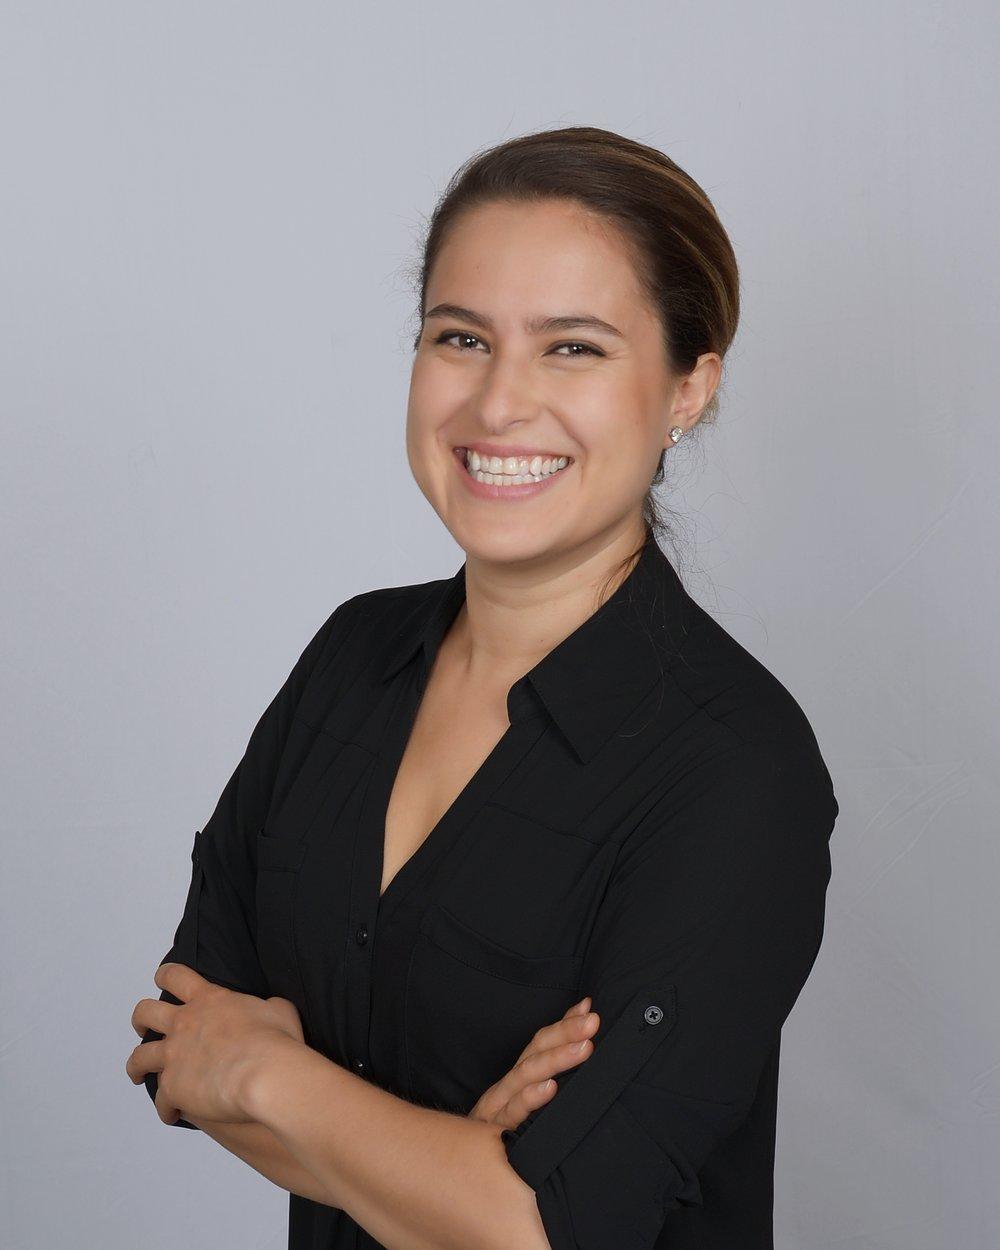 Lizette De Arkos  CEO & Co-Founder of A L Z A R